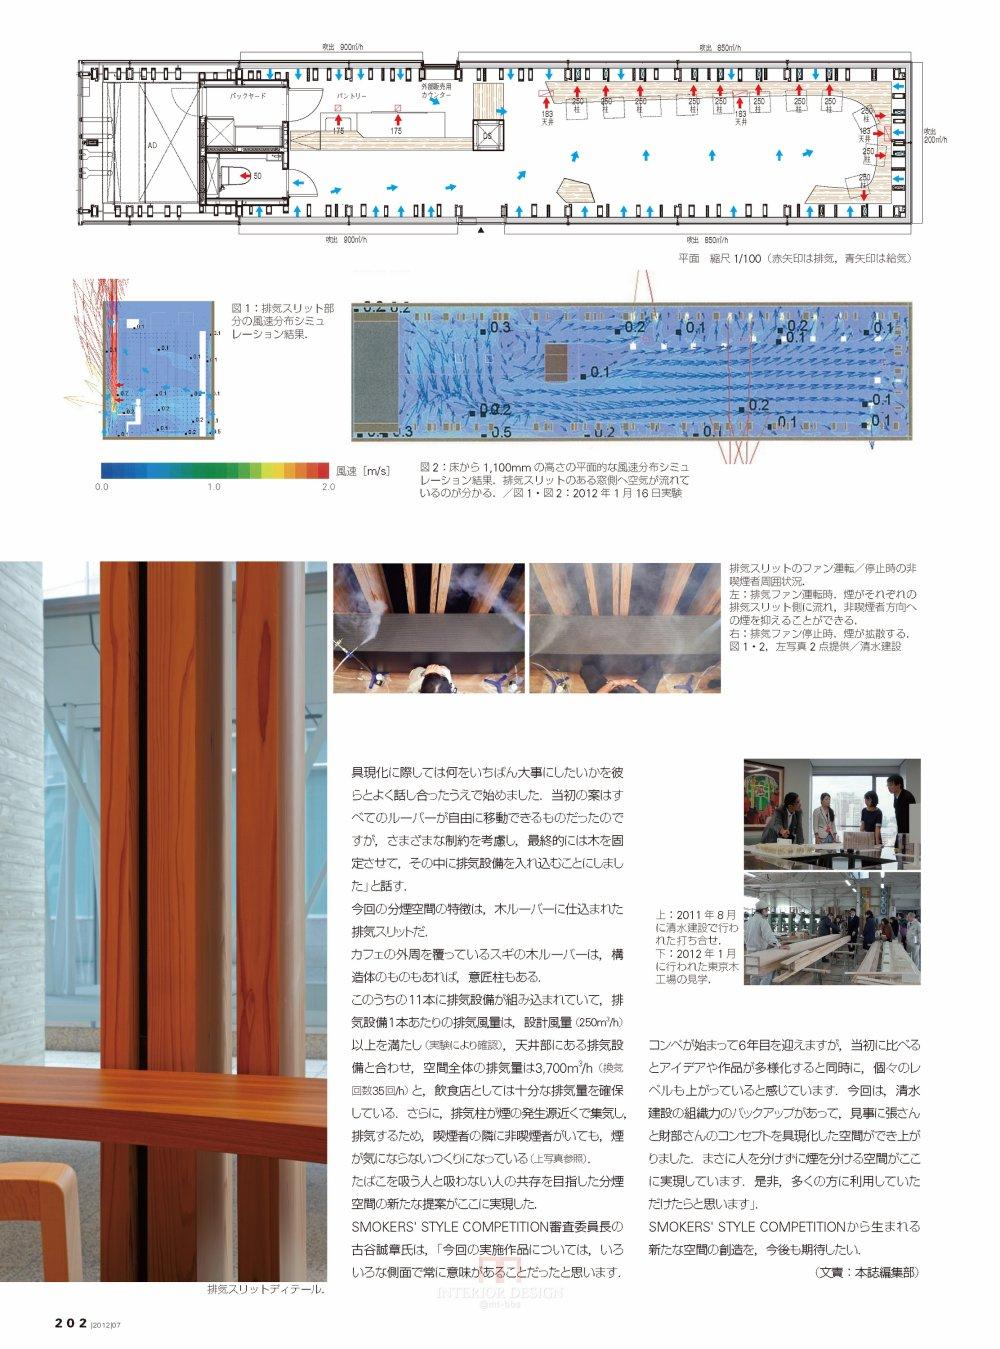 Cafe' SETSUGEKKA_8409879451_046789c922_1.jpg